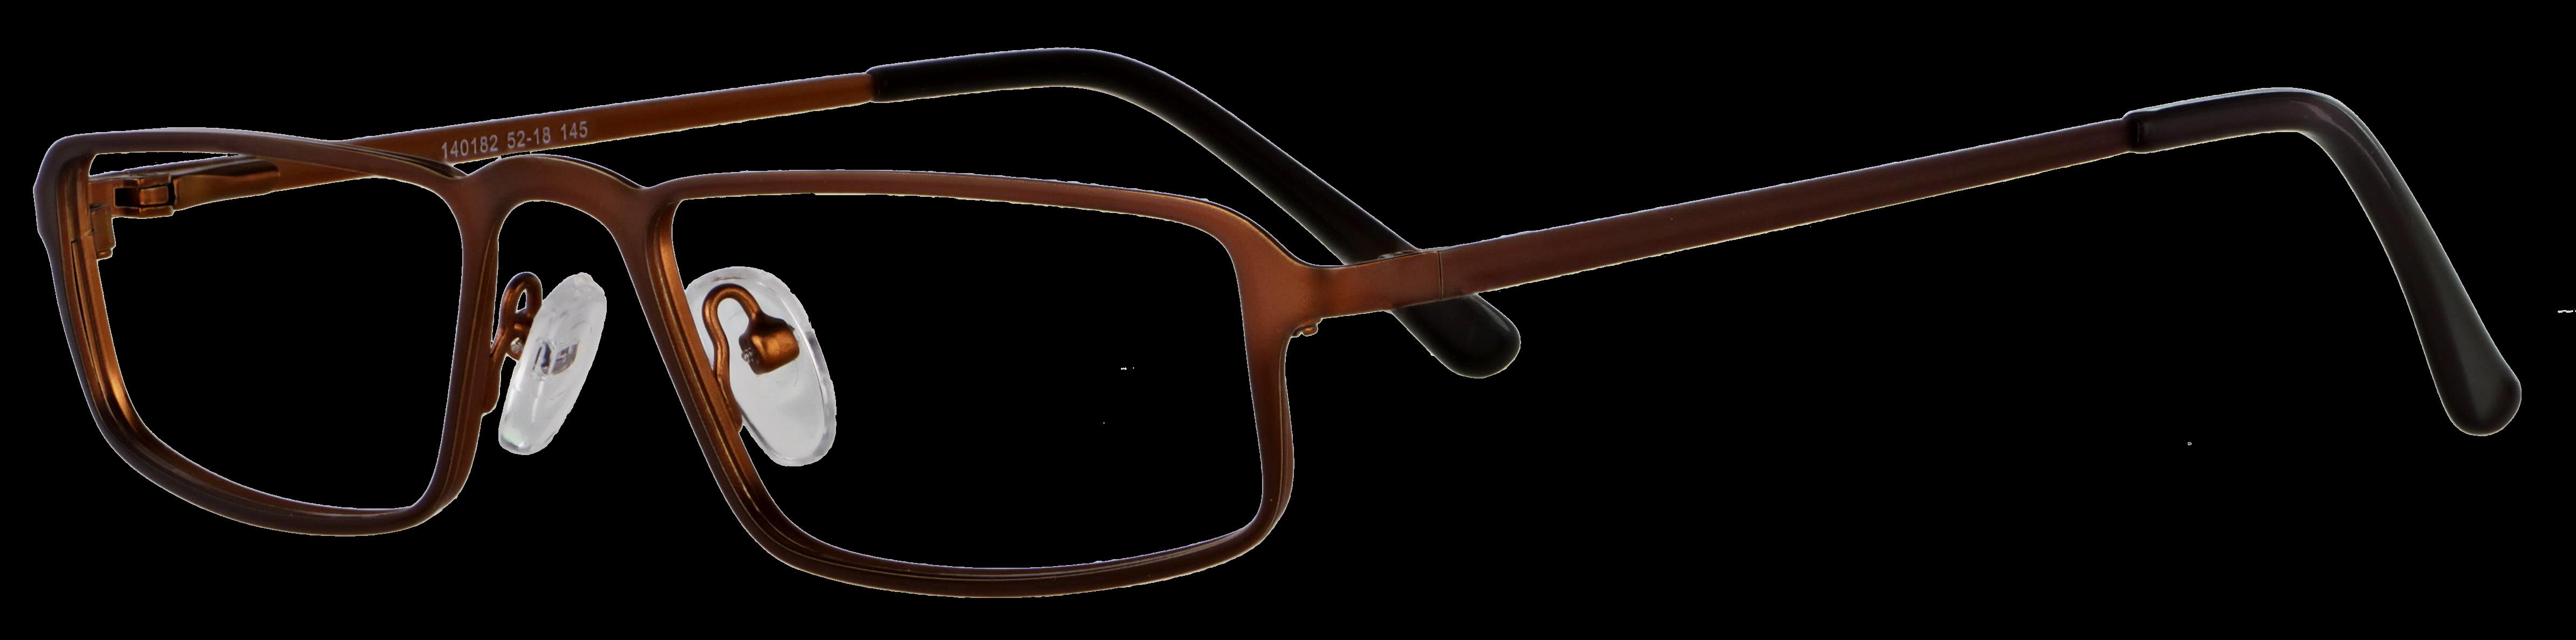 abele optik Brille 140182